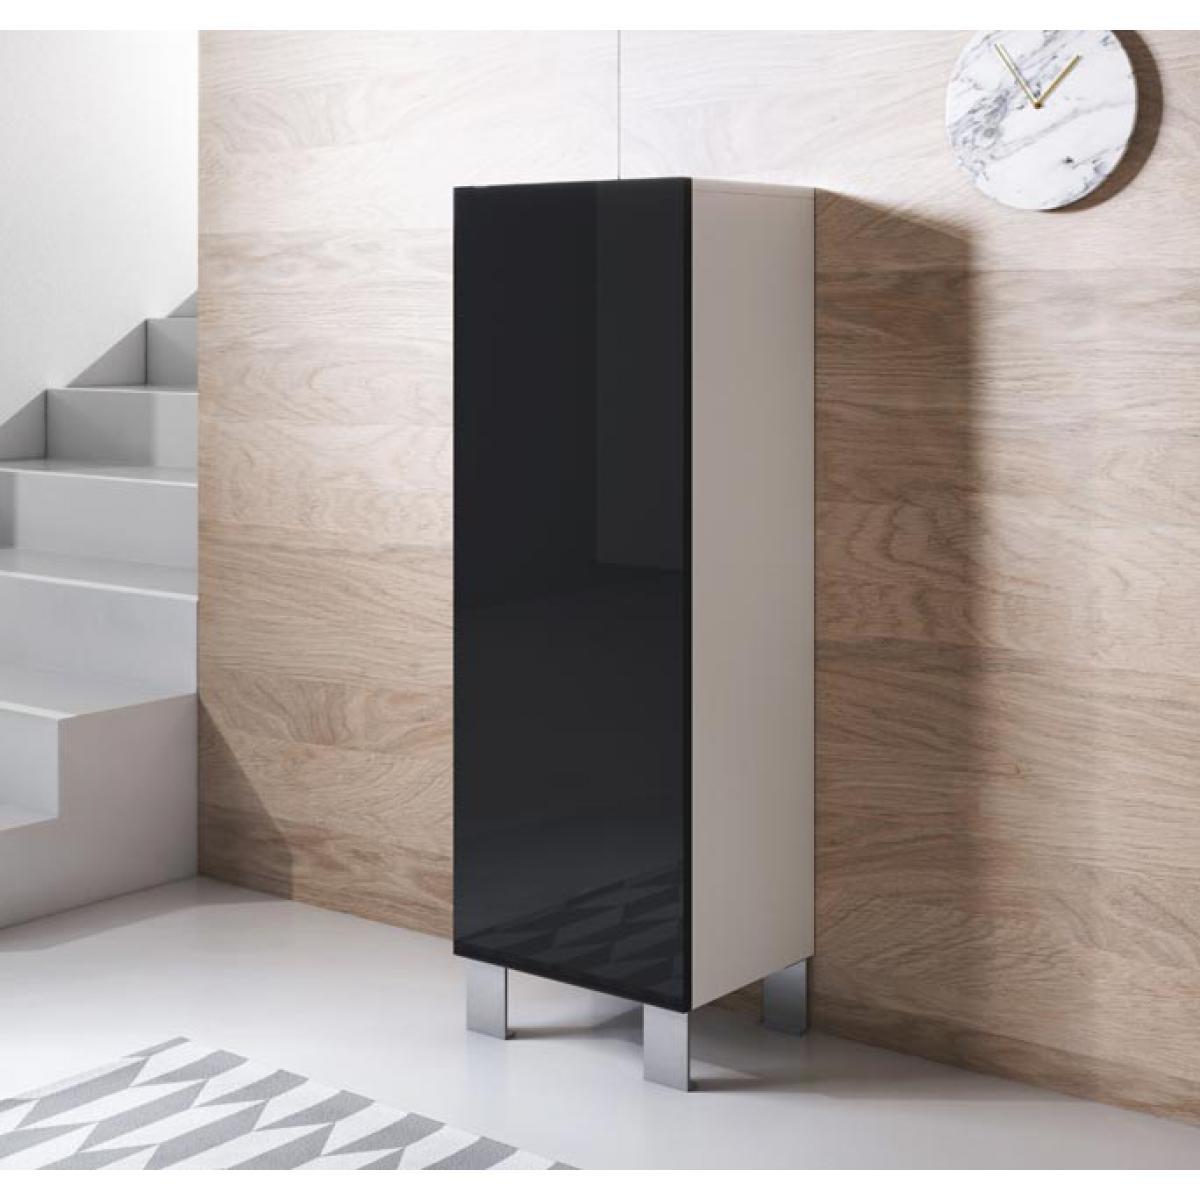 Design Ameublement Armoire modèle Luke V1 (40x138cm) couleur blanc et noir avec pieds en aluminium